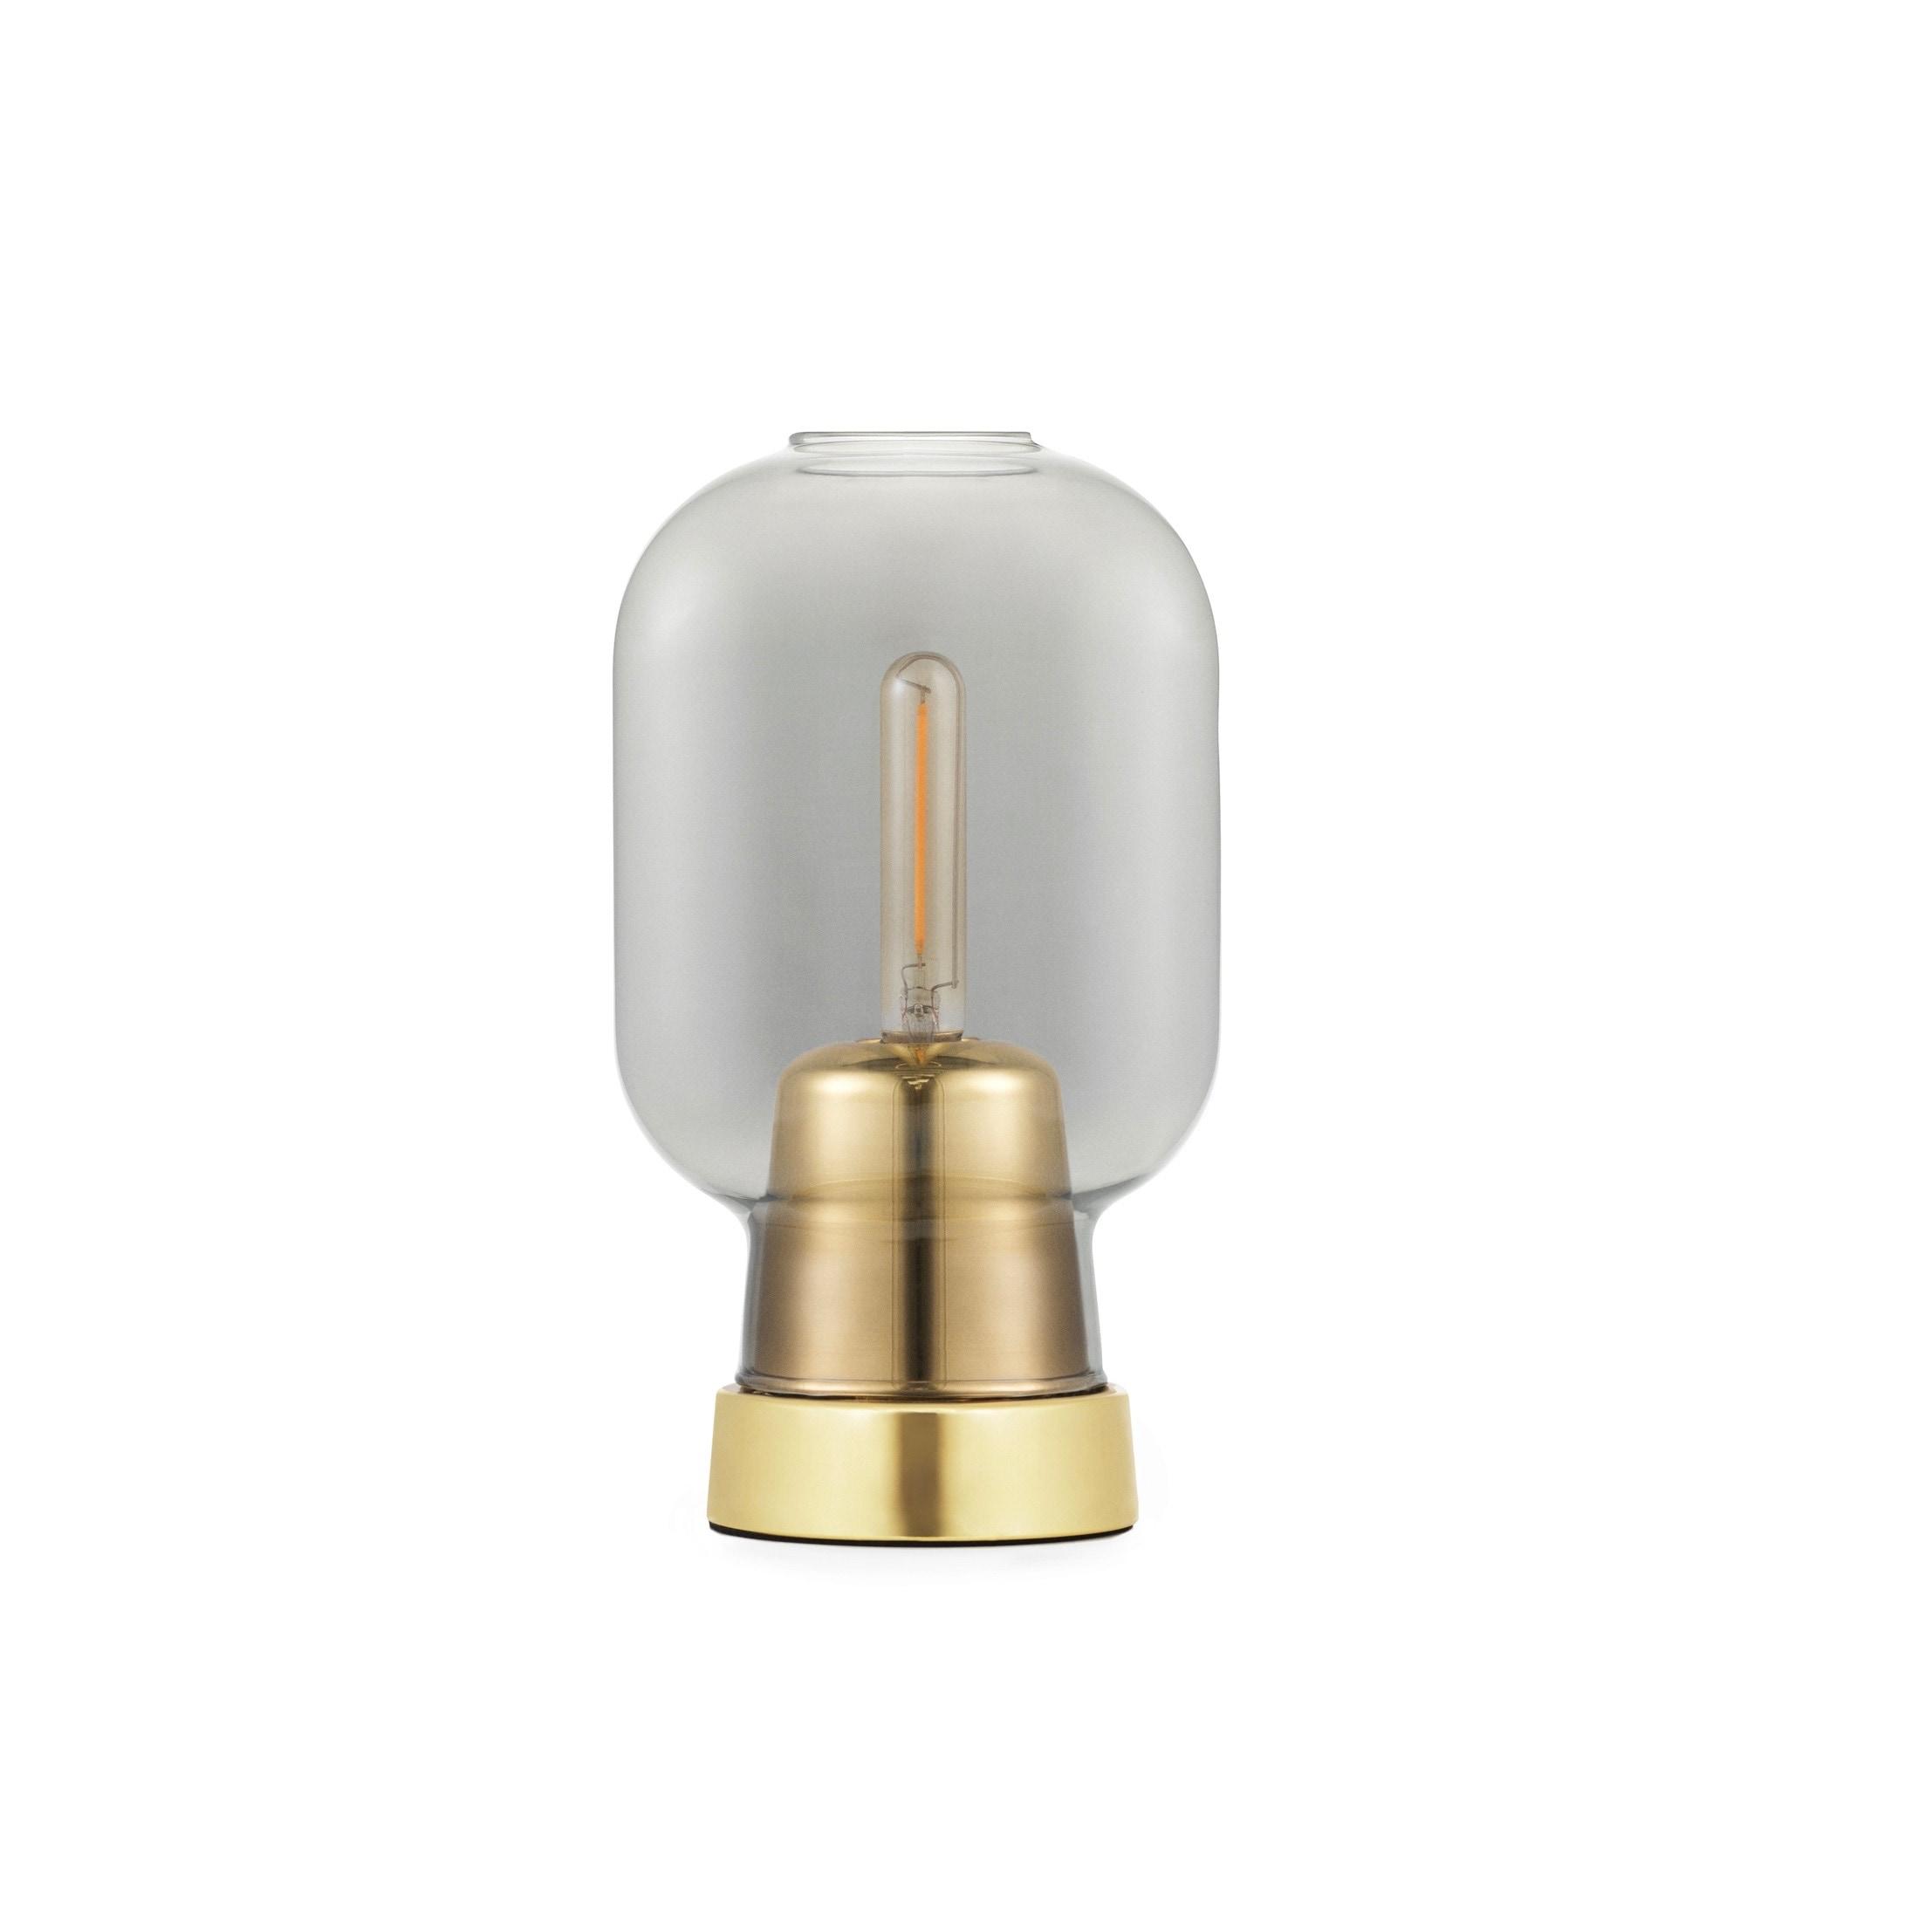 Amp Bordslampa smoke/brass